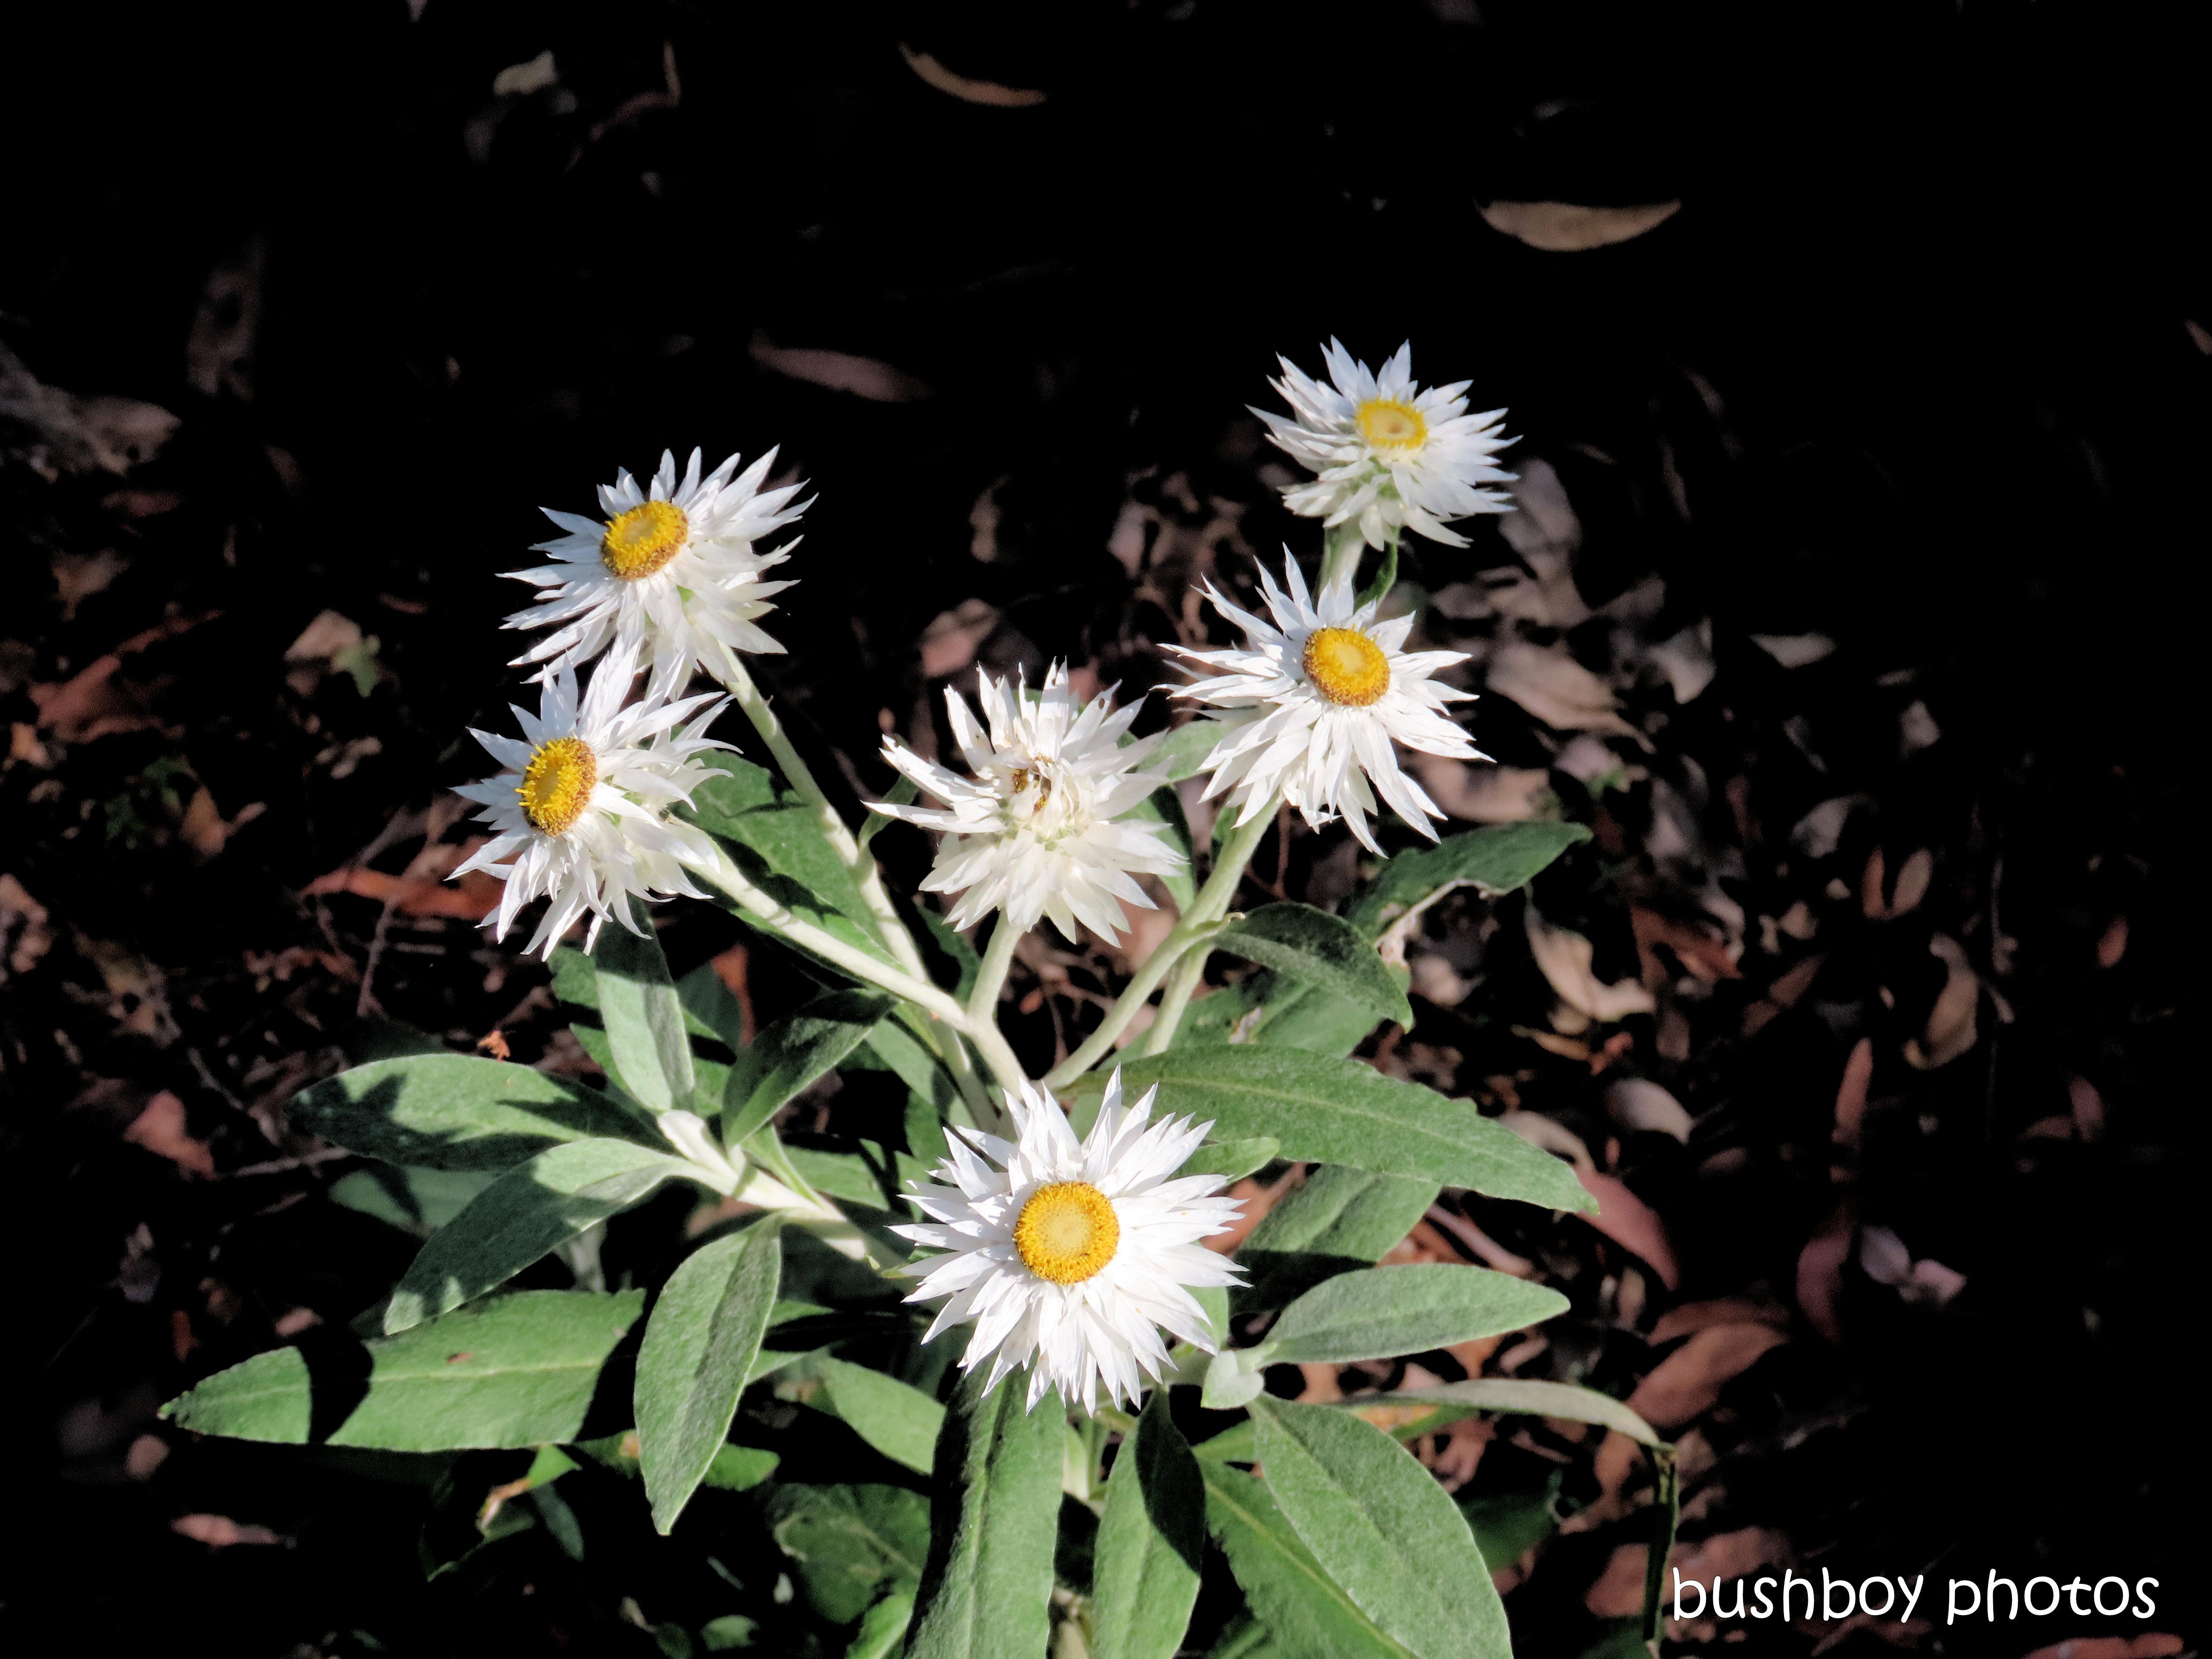 flower_native_white paper daisy_raspberry_lookout_named_gibraltar_range_oct 2019